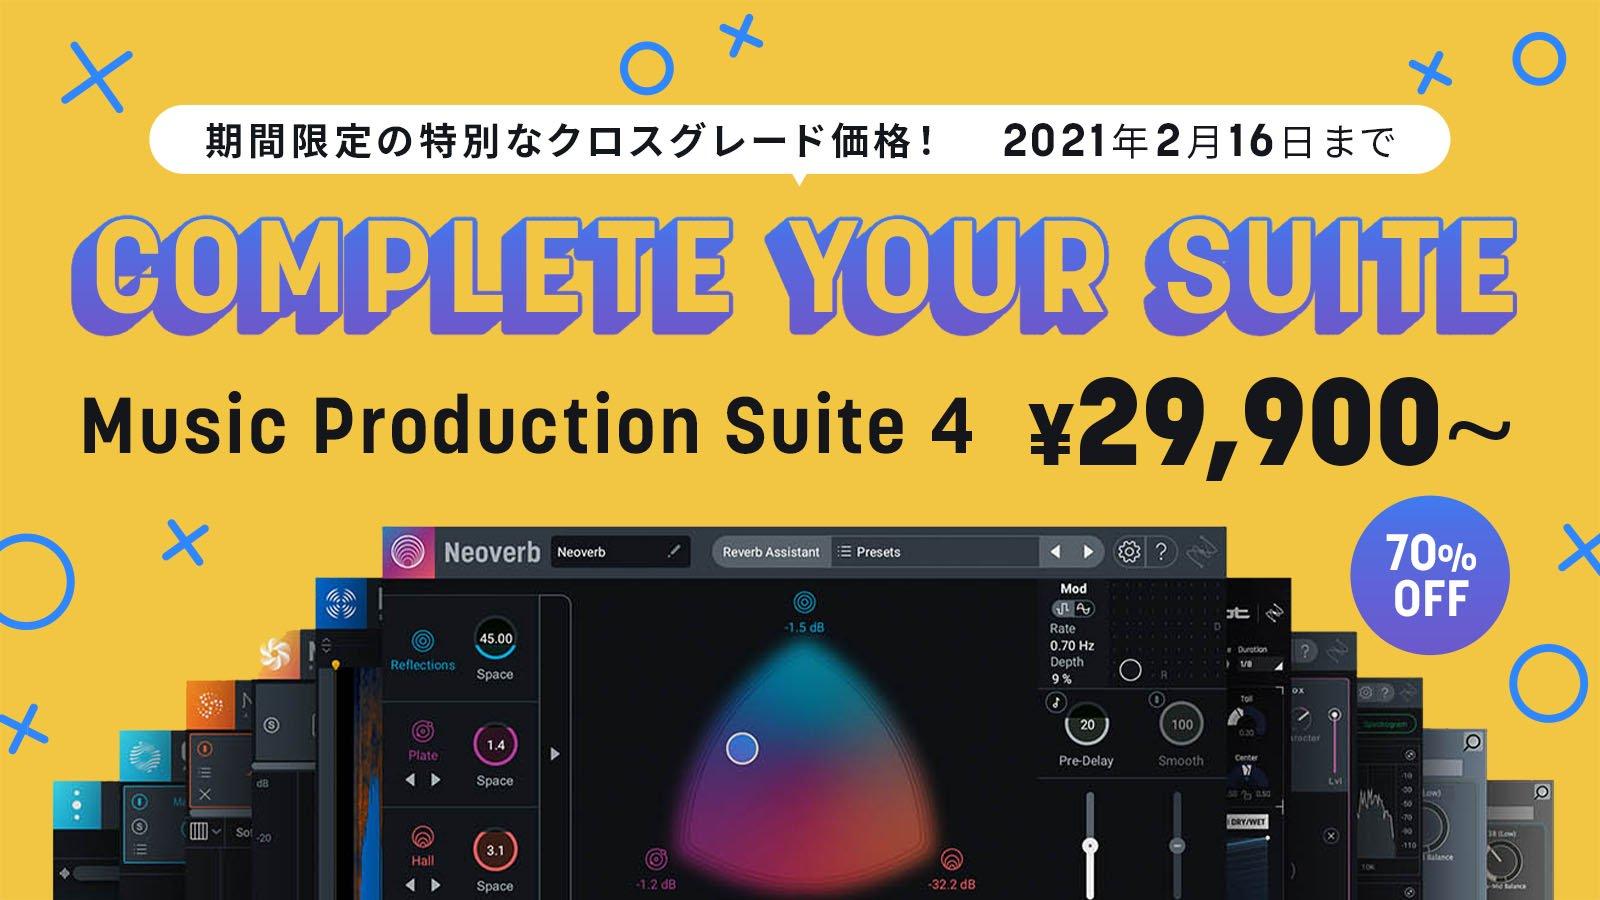 【最大70%OFF】制作系ツールがひと通り揃う iZotope Music Production Suite 4がセール中!